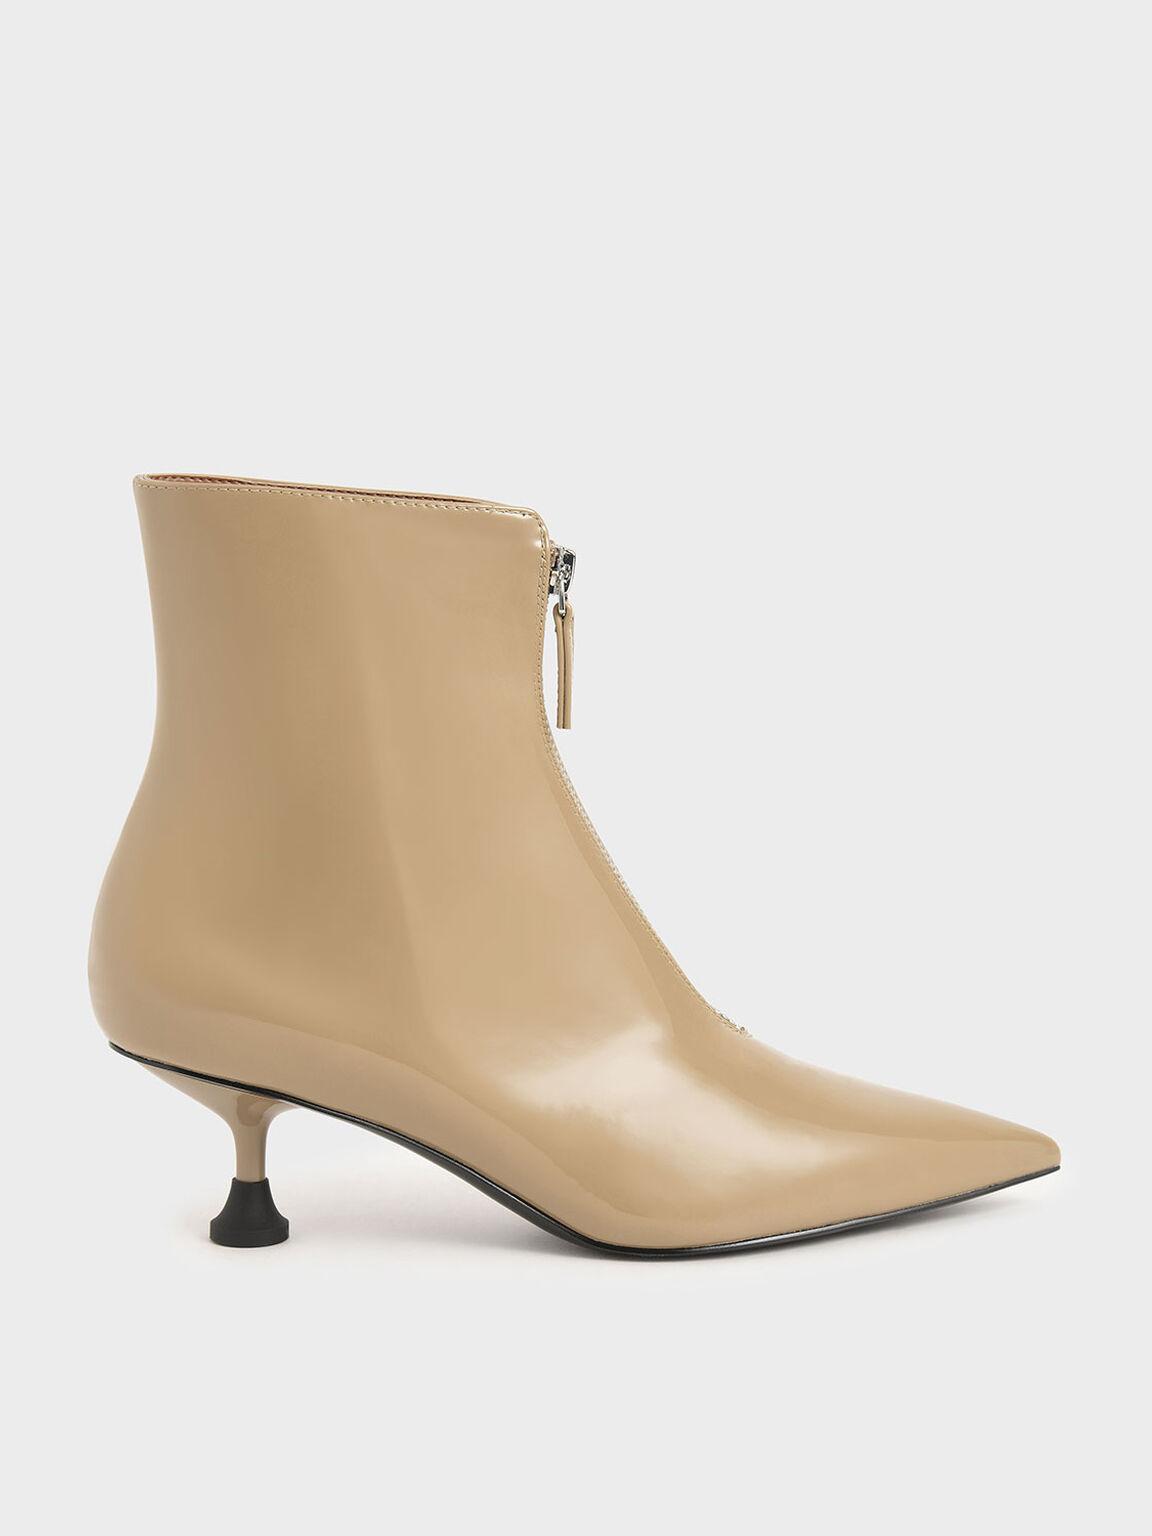 前拉鍊尖頭短靴, 沙黃色, hi-res